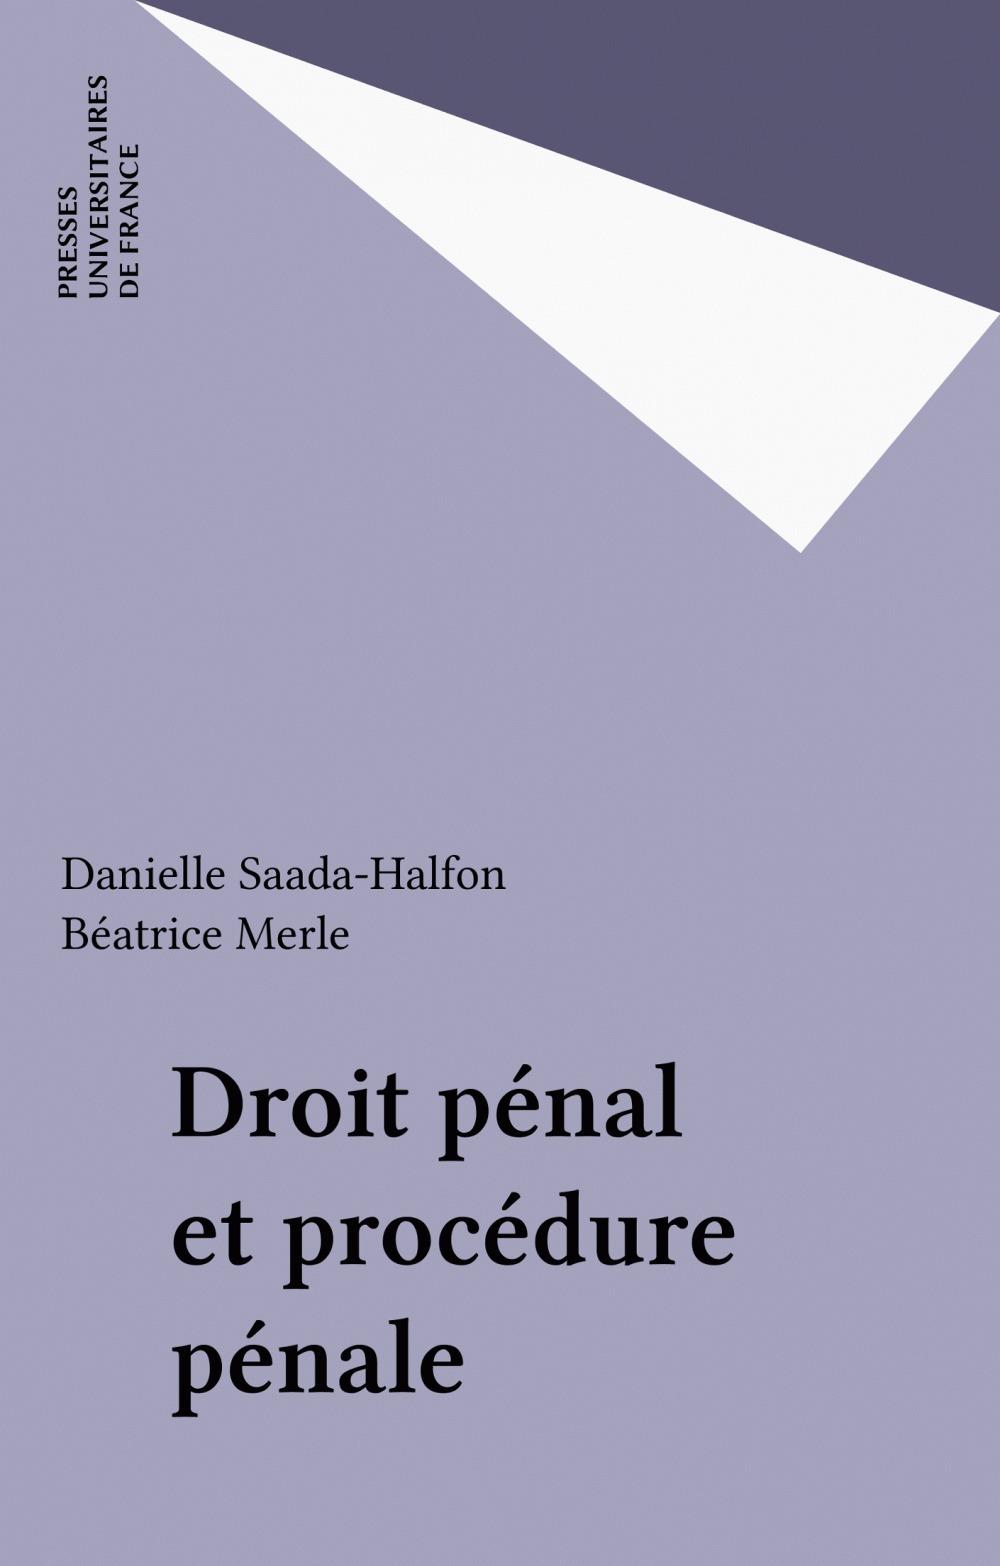 Droit pénal et procédure pénale  - Béatrice Merle  - Danielle Saada-Halfon